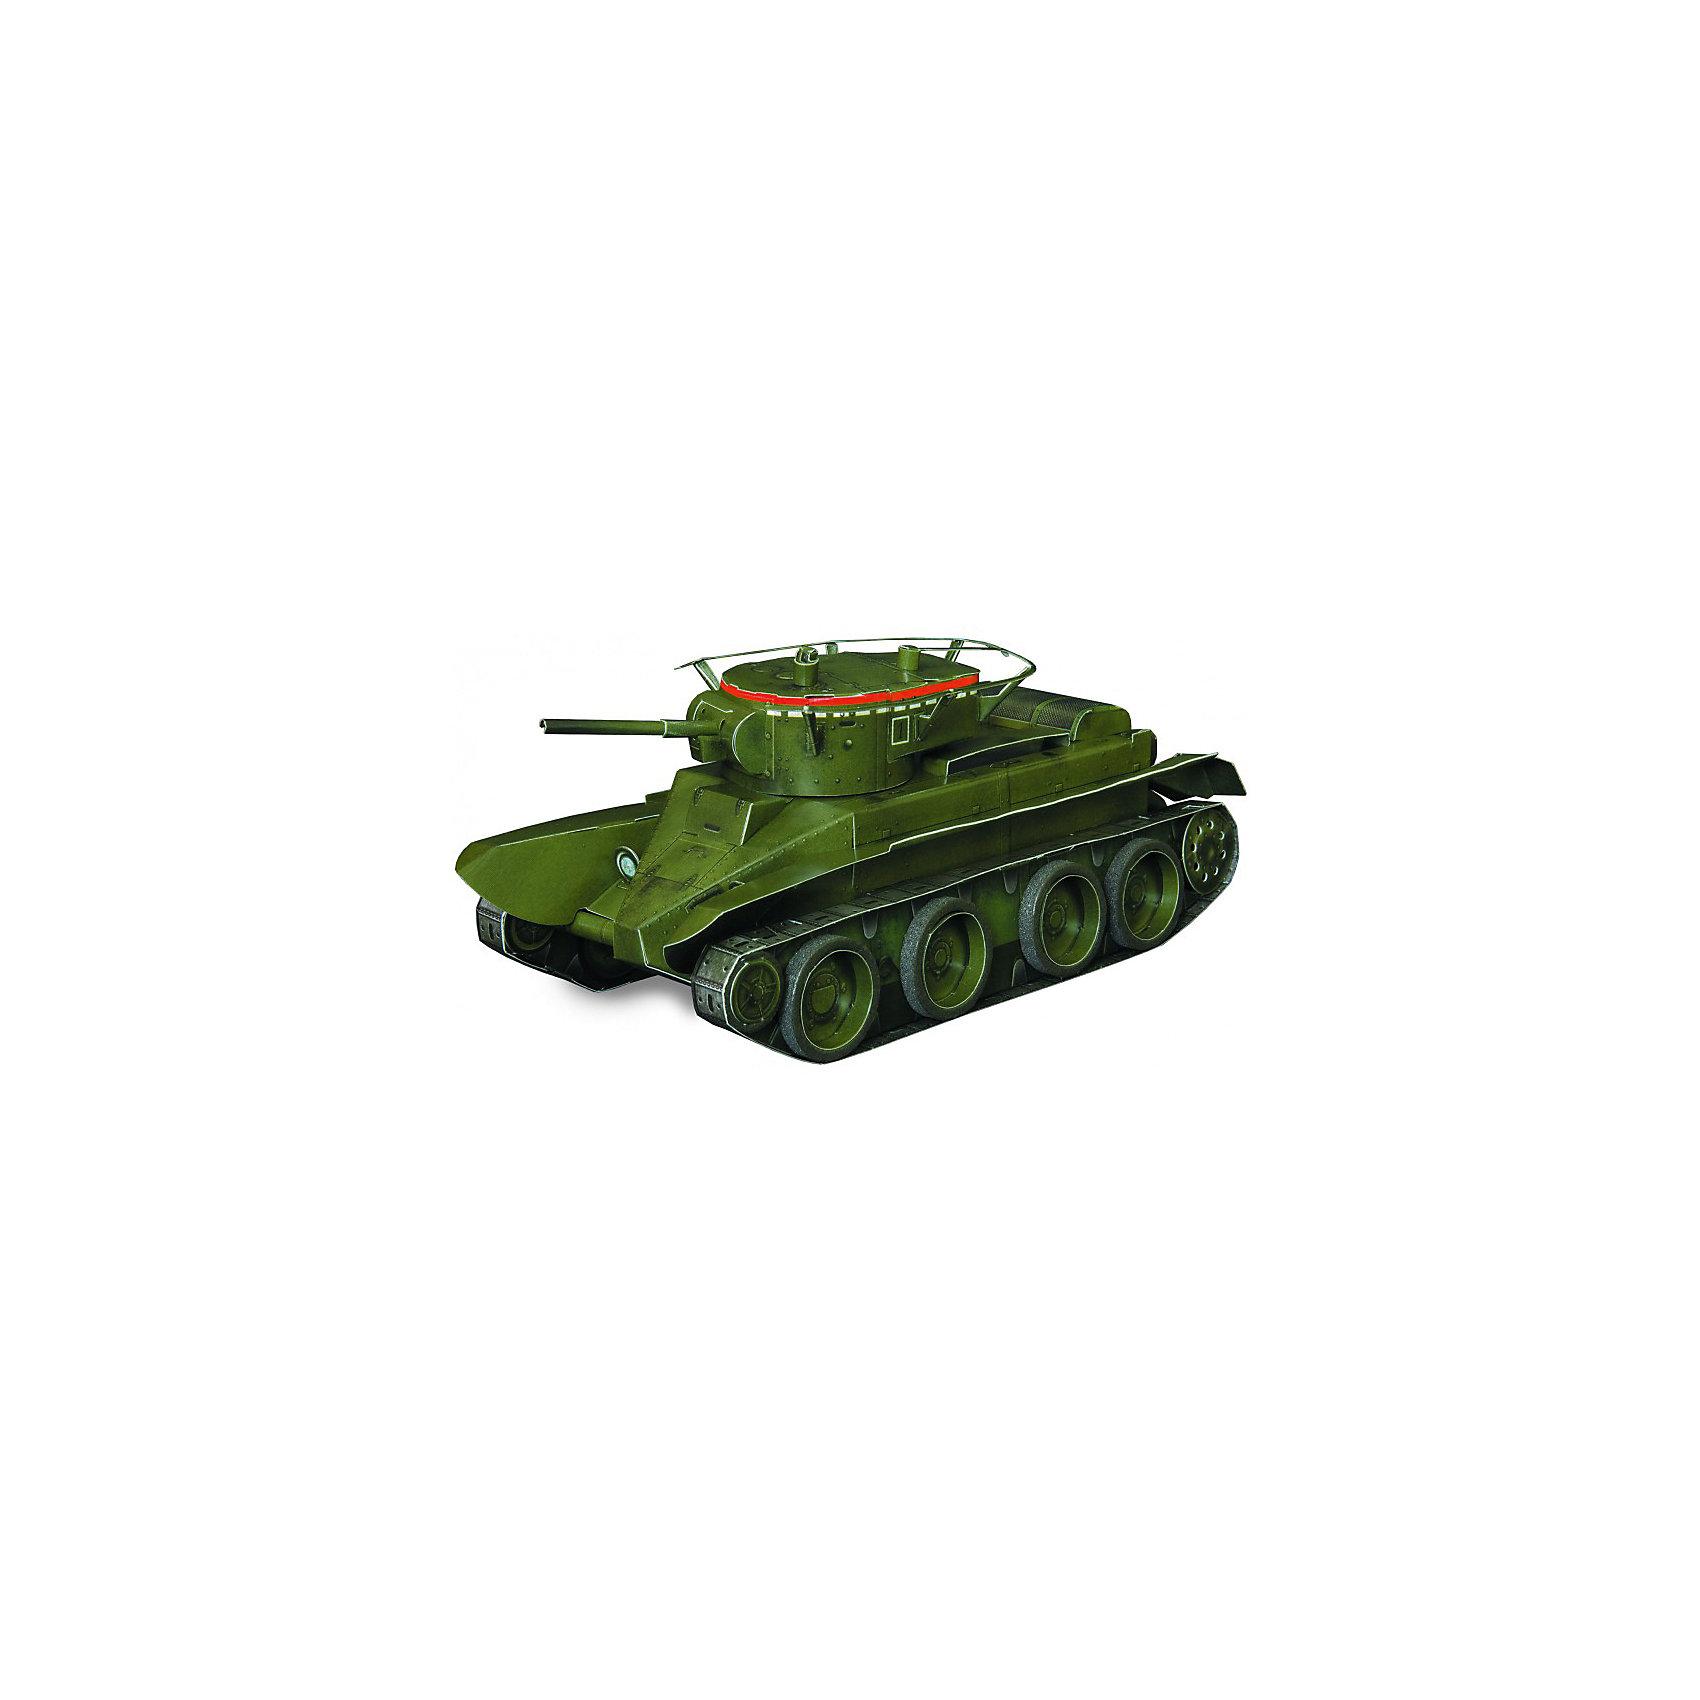 Сборная модель Танк БТ- 5Картонные модели<br>Танк Танк БТ- 5 - легкий колесно-гусеничный танк. Сборная модель с вращающейся башней, выполненная в масштабе 1:35. Высокая степень детализации и реалистичные детали делают сборку конструктора очень интересным занятием. Принцип соединения деталей запатентован: все соединения разработаны и рассчитаны с такой точностью, что с правильно собранной игрушкой можно играть, как с обычной. Конструирование увлекательный и полезный процесс, развивающий мелкую моторику, внимание, усидчивость, пространственное мышление и фантазию. <br>Все сборные модели «Умная Бумага» разрабатываются на основе чертежей и фотографий оригинала. В их оформлении широко используются современные способы обработки бумаги для передачи рельефности поверхности, а для имитации хромированных и золоченых элементов применяется тиснение фольгой.<br><br>Дополнительная информация:<br><br>- Материал: картон.<br>- Масштаб: 1:35.<br>- Комплектация:  2 больших листа с деталями, колеса, инструкция по сборке.<br>- Размер модели: 15,5x6,5x6 см.<br>- 54 детали.<br>- Размер упаковки: 30х21 см.<br><br>Сборную модель Танк БТ- 5 можно купить в нашем магазине.<br><br>Ширина мм: 218<br>Глубина мм: 340<br>Высота мм: 3<br>Вес г: 60<br>Возраст от месяцев: 72<br>Возраст до месяцев: 168<br>Пол: Мужской<br>Возраст: Детский<br>SKU: 4697723